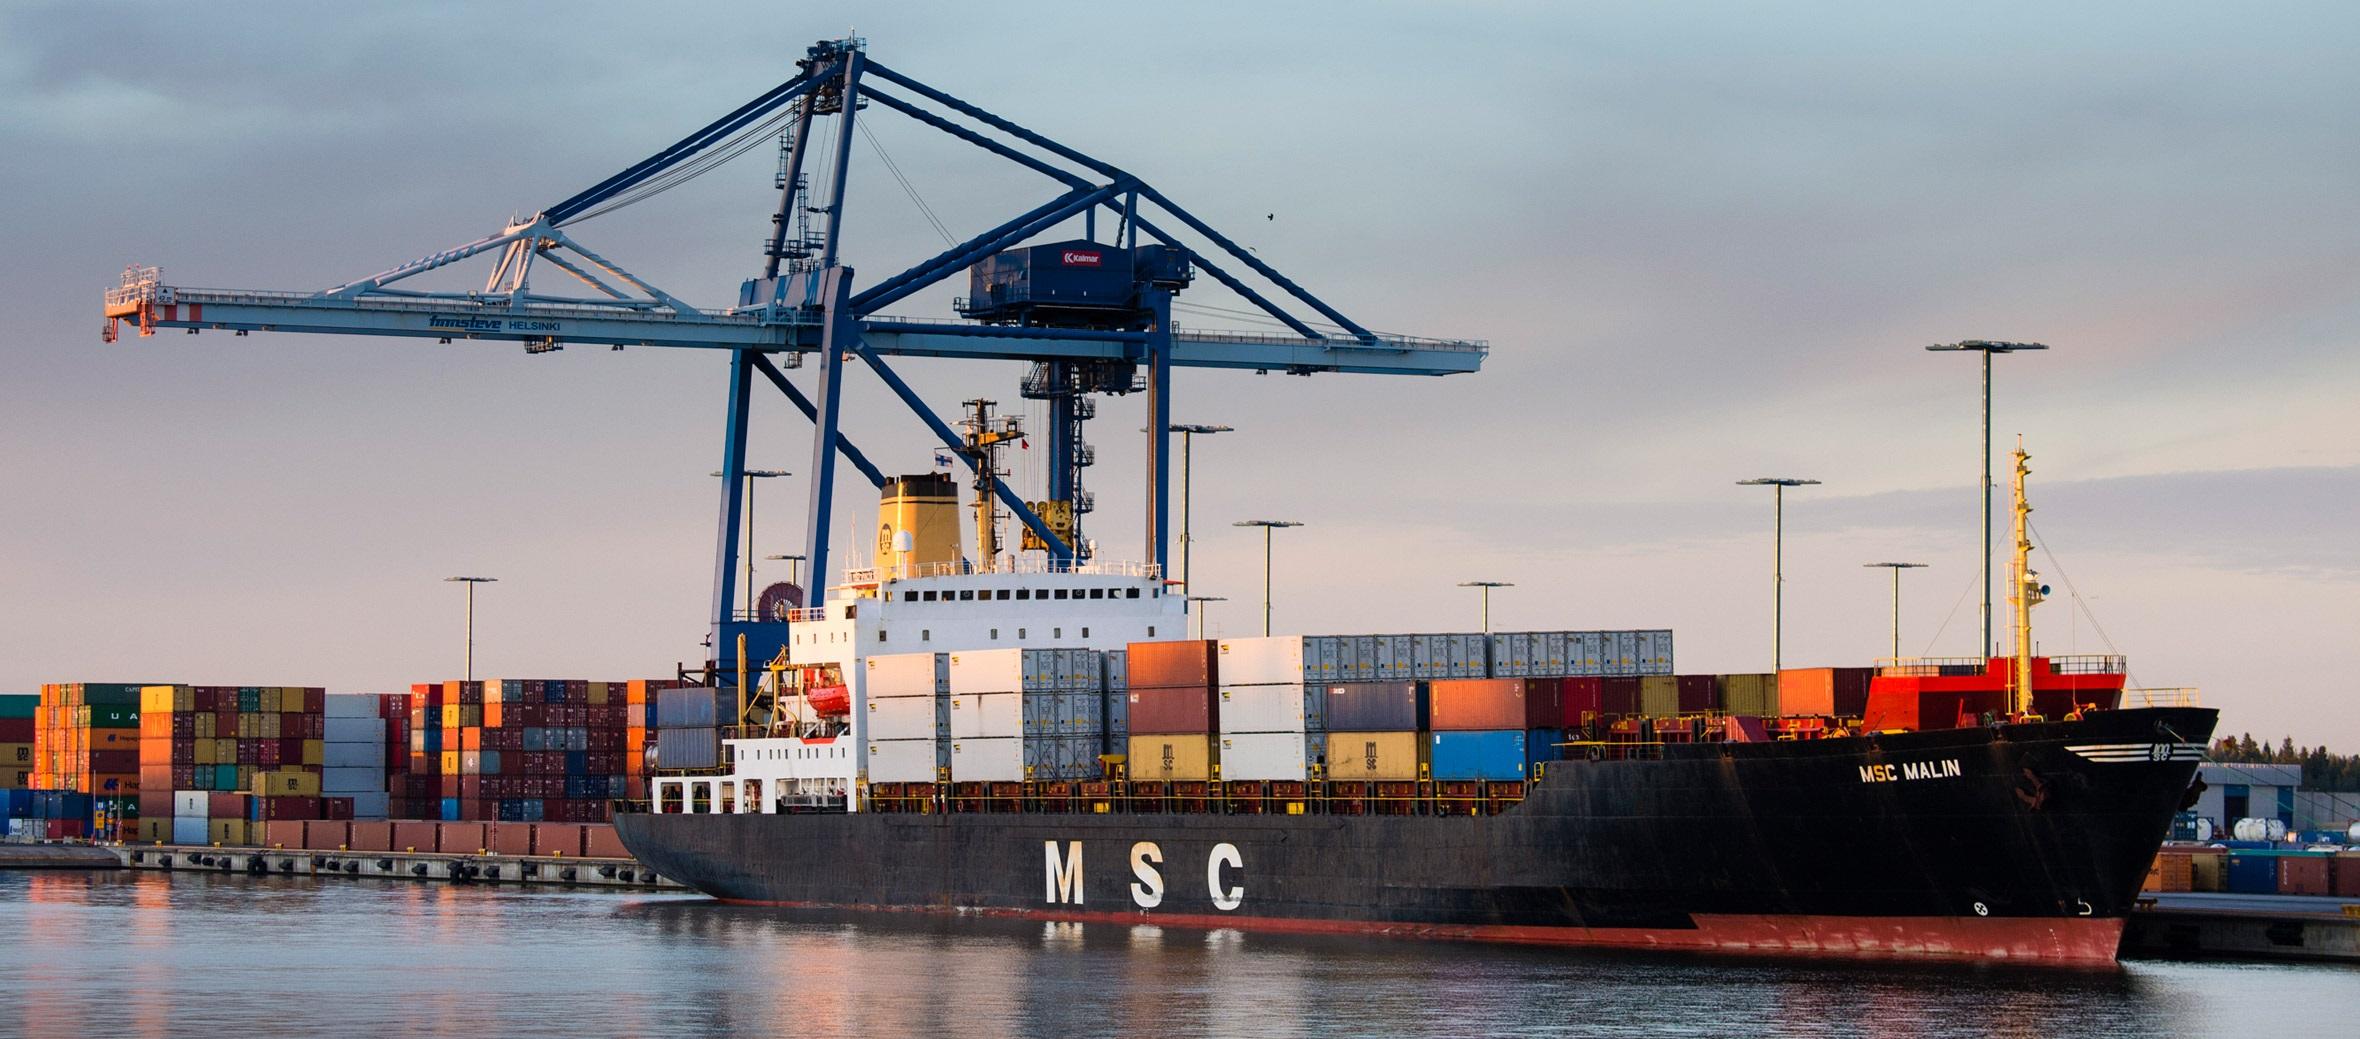 سهم 20 درصدی بخش معدن و صنایع معدنی از کل صادرات کشور در فروردین ماه 98/ صادرات بخش معدن و صنایع معدنی با رشد 16 درصدی به بیش از 4.3 میلیون تن رسید/ ارزش صادرات افت 17 درصدی داشت